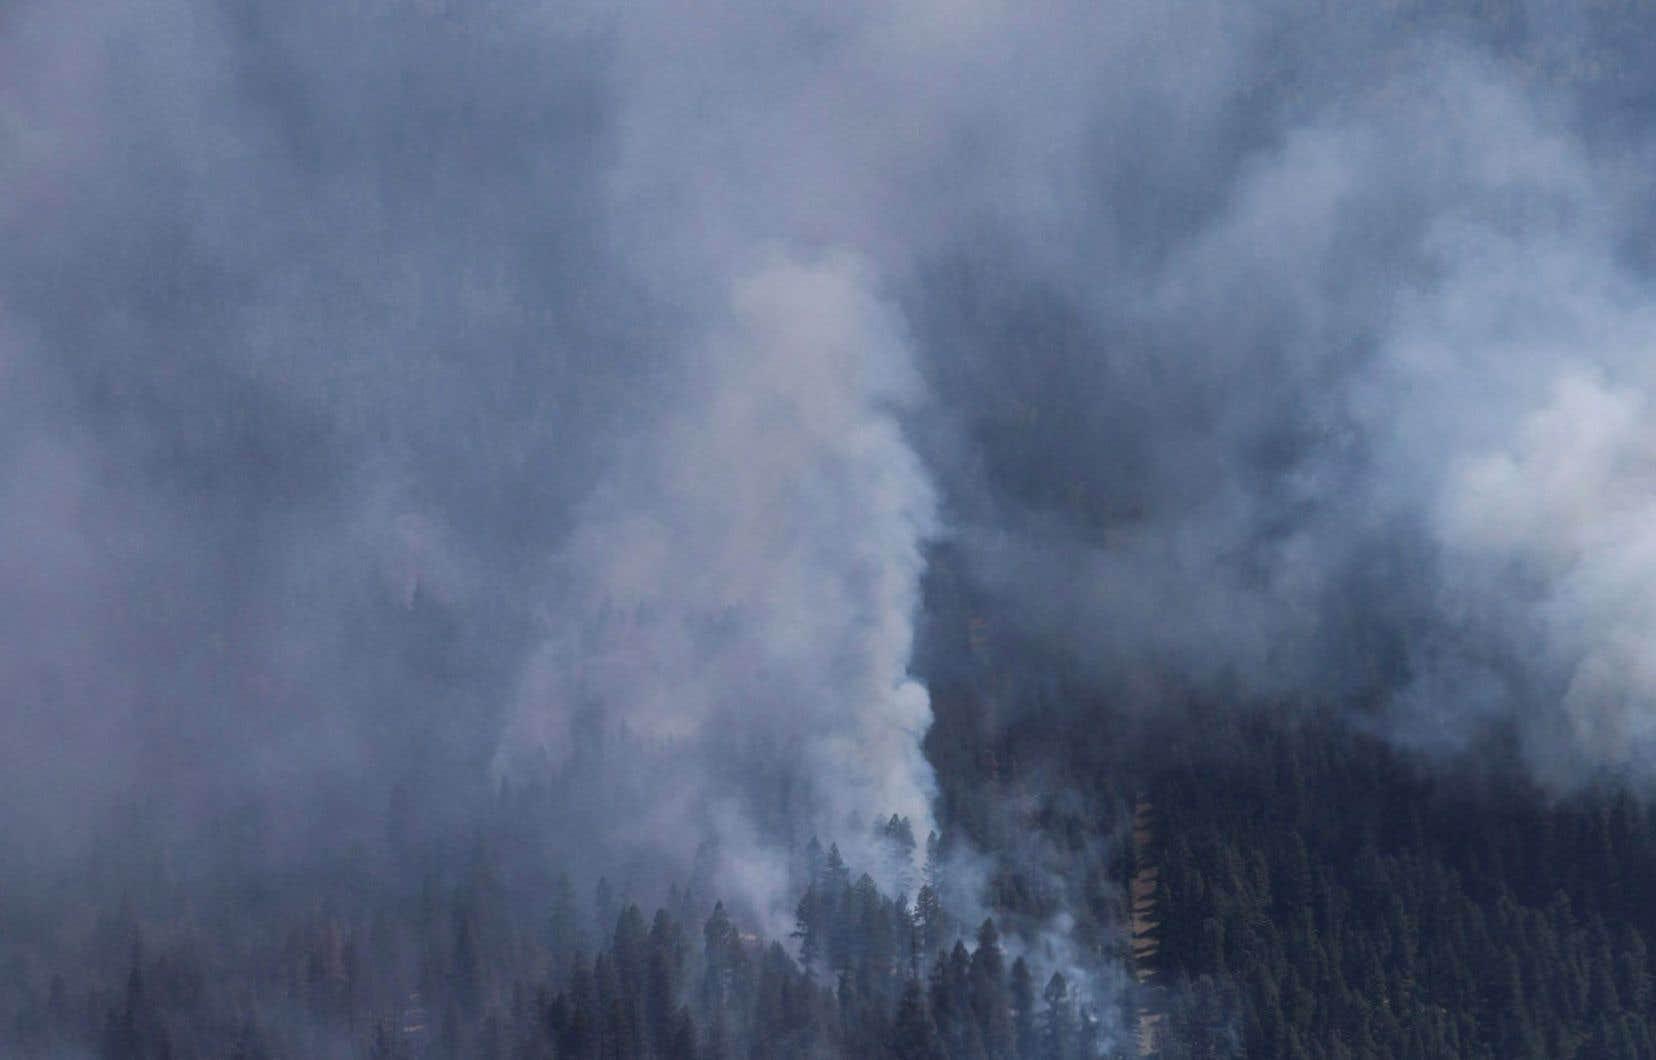 En juillet dernier, des feux de forêt avaient forcé l'évacuation de plus de 1000 personnes habitant dans cette zone à l'est de la ville de Kelowna.